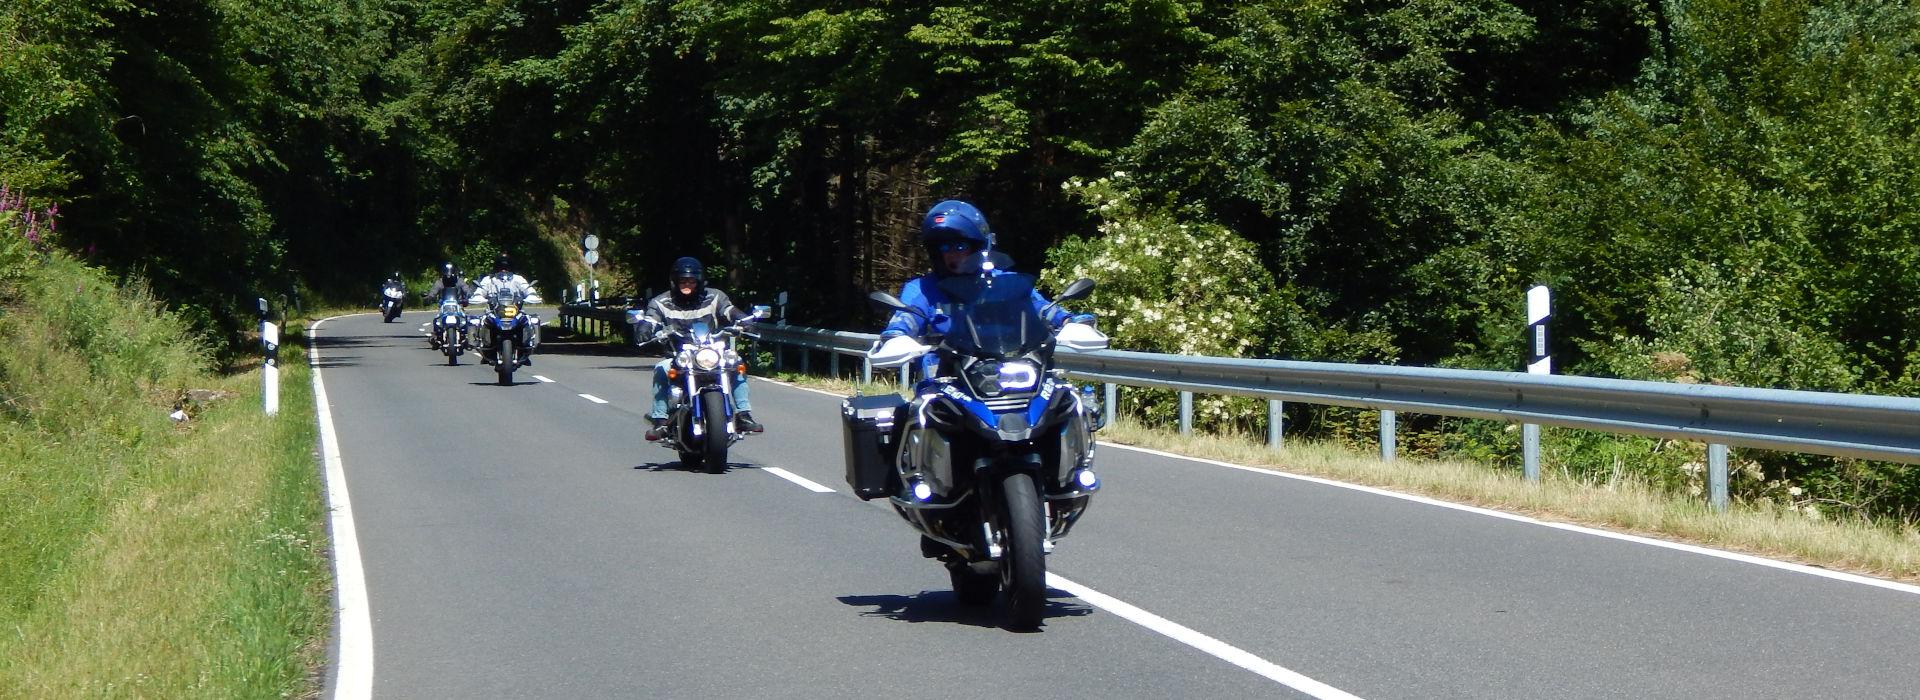 Motorrijbewijspoint Muiden spoed motorrijbewijs